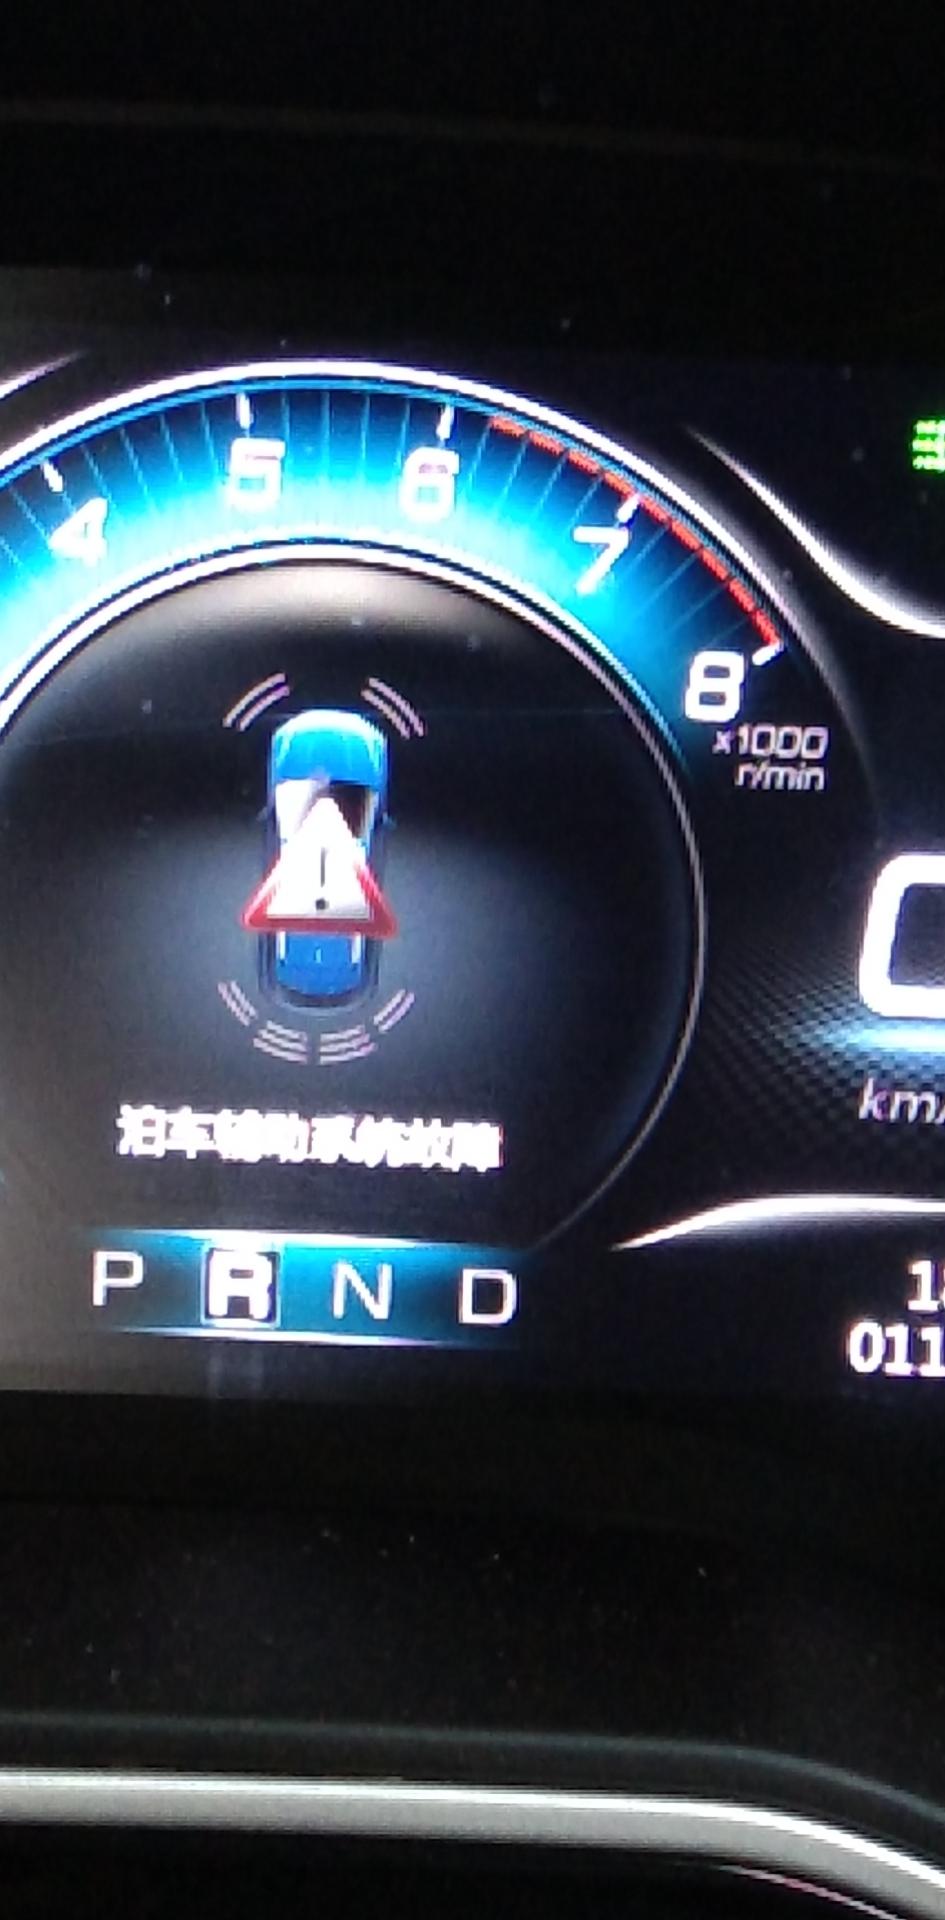 斯威汽車-SWM斯威G01 水管漏水,儀表間斷出現泊車系統故障警報